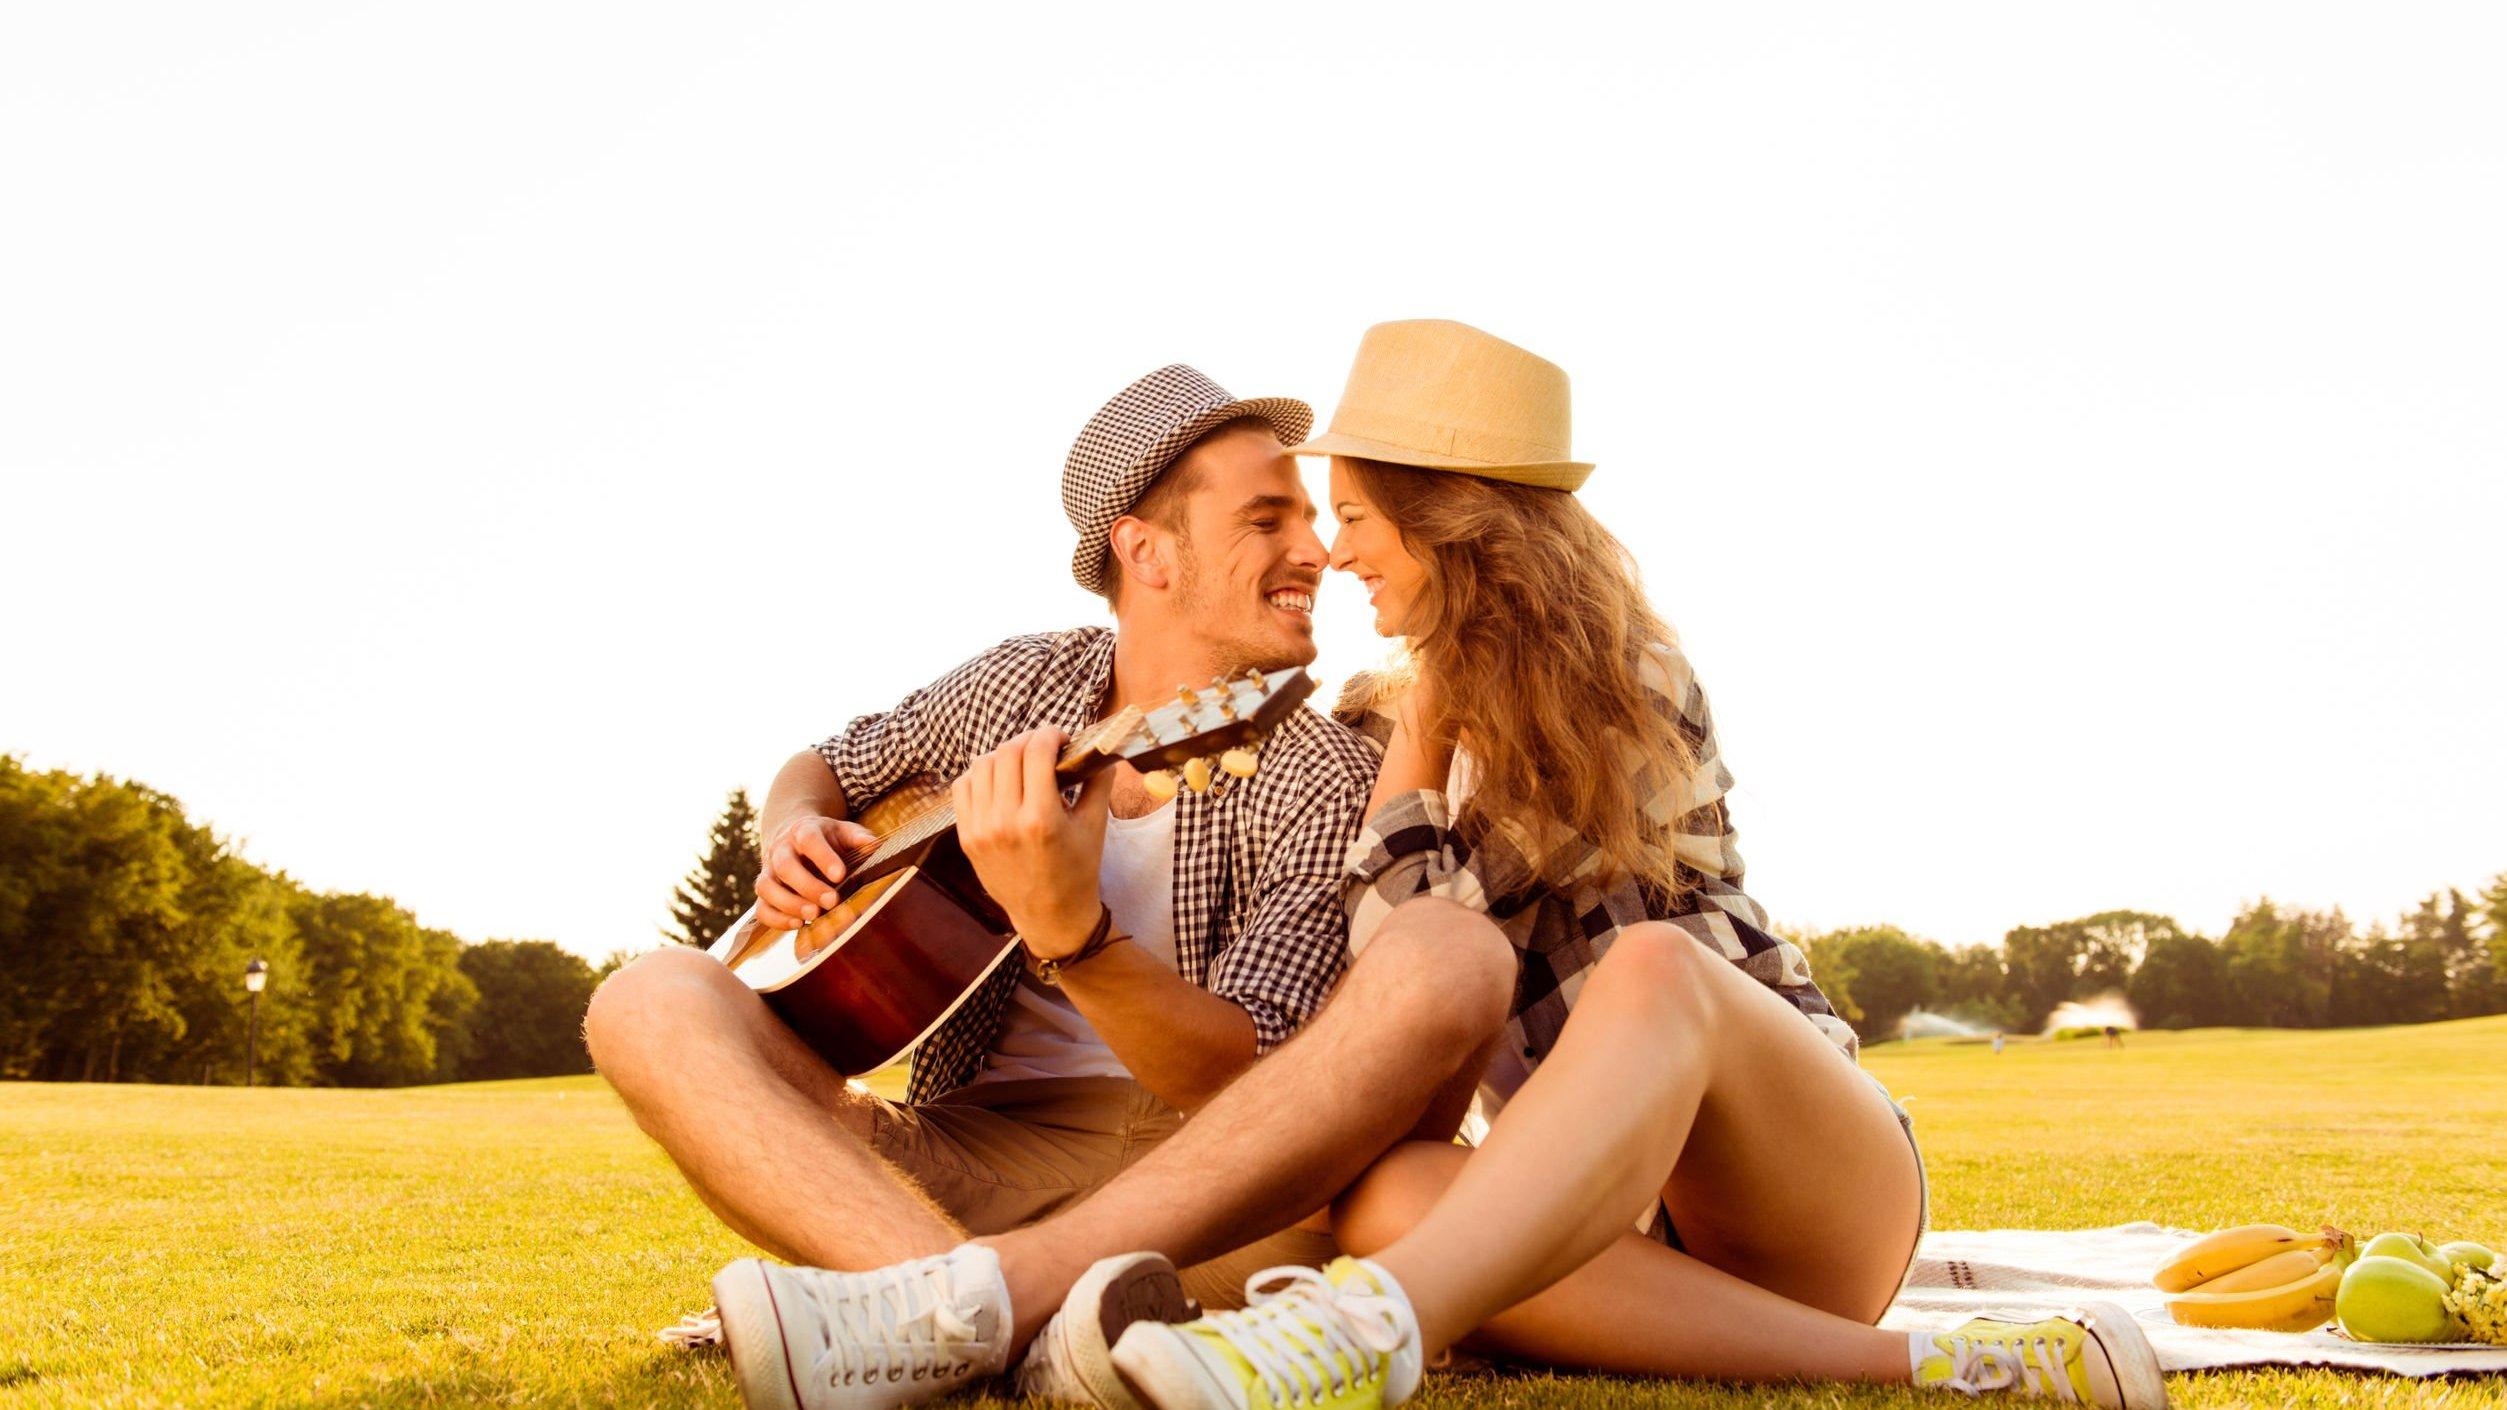 Casal sentado em campo. Homem segurando violão.